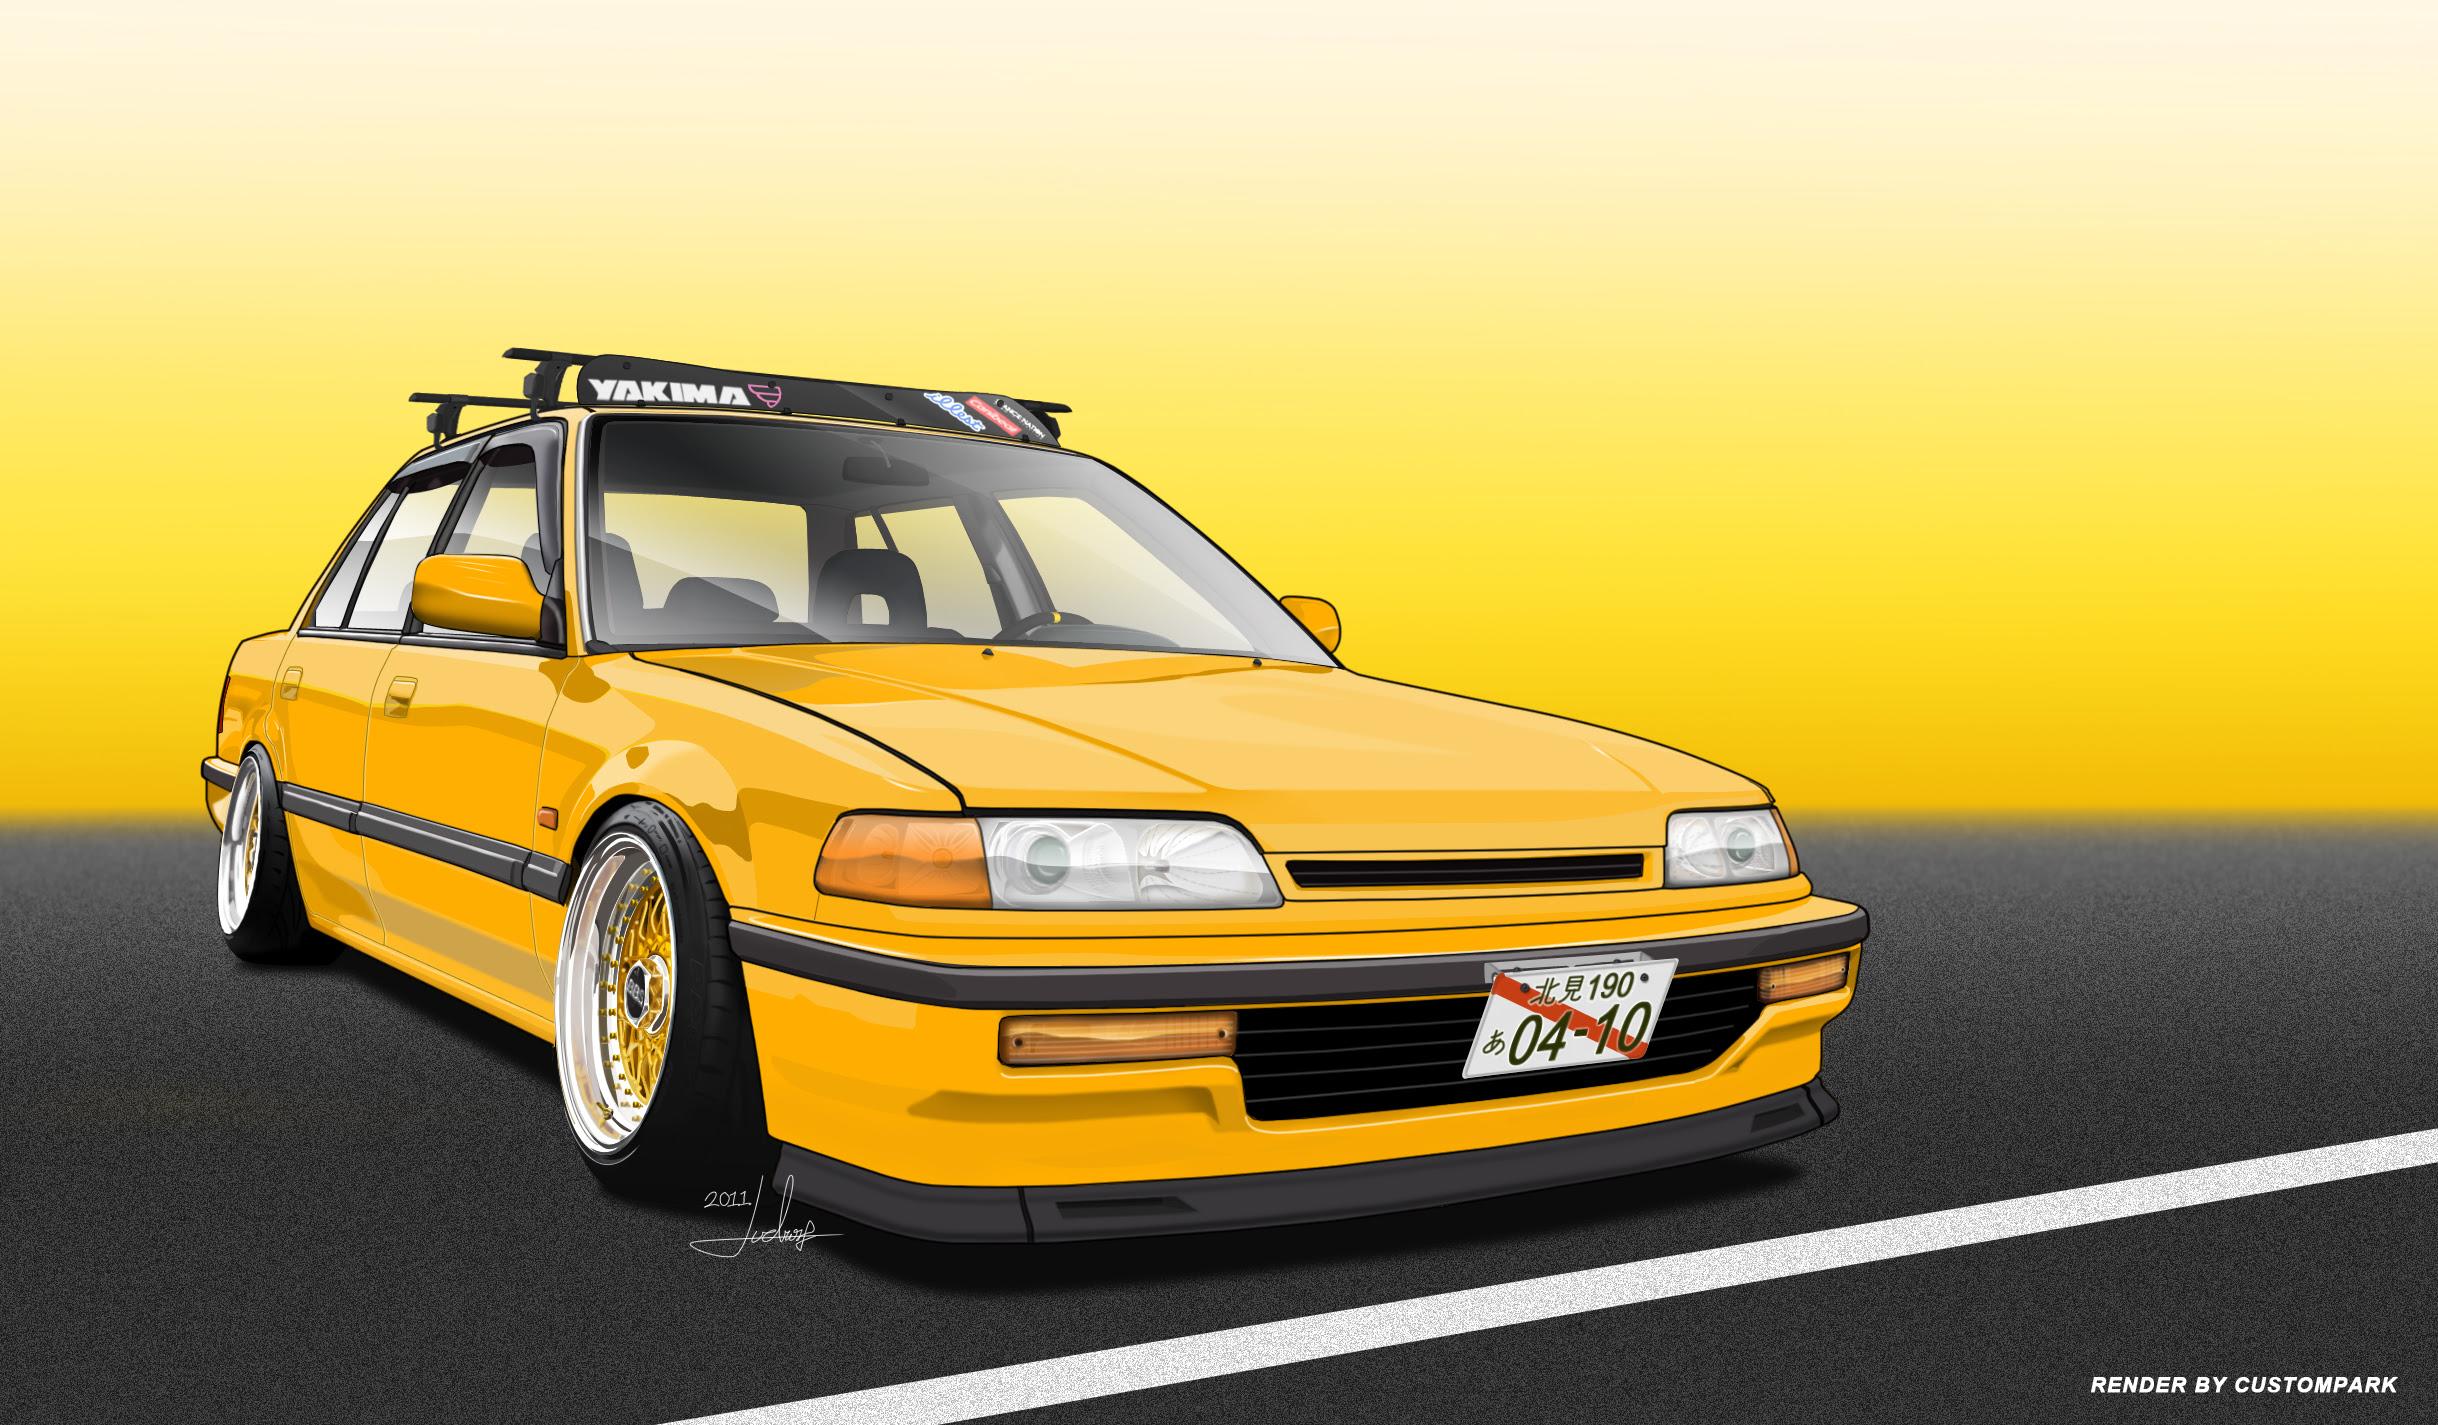 440 Koleksi Gambar Kartun Modifikasi Mobil Sedan HD Terbaik